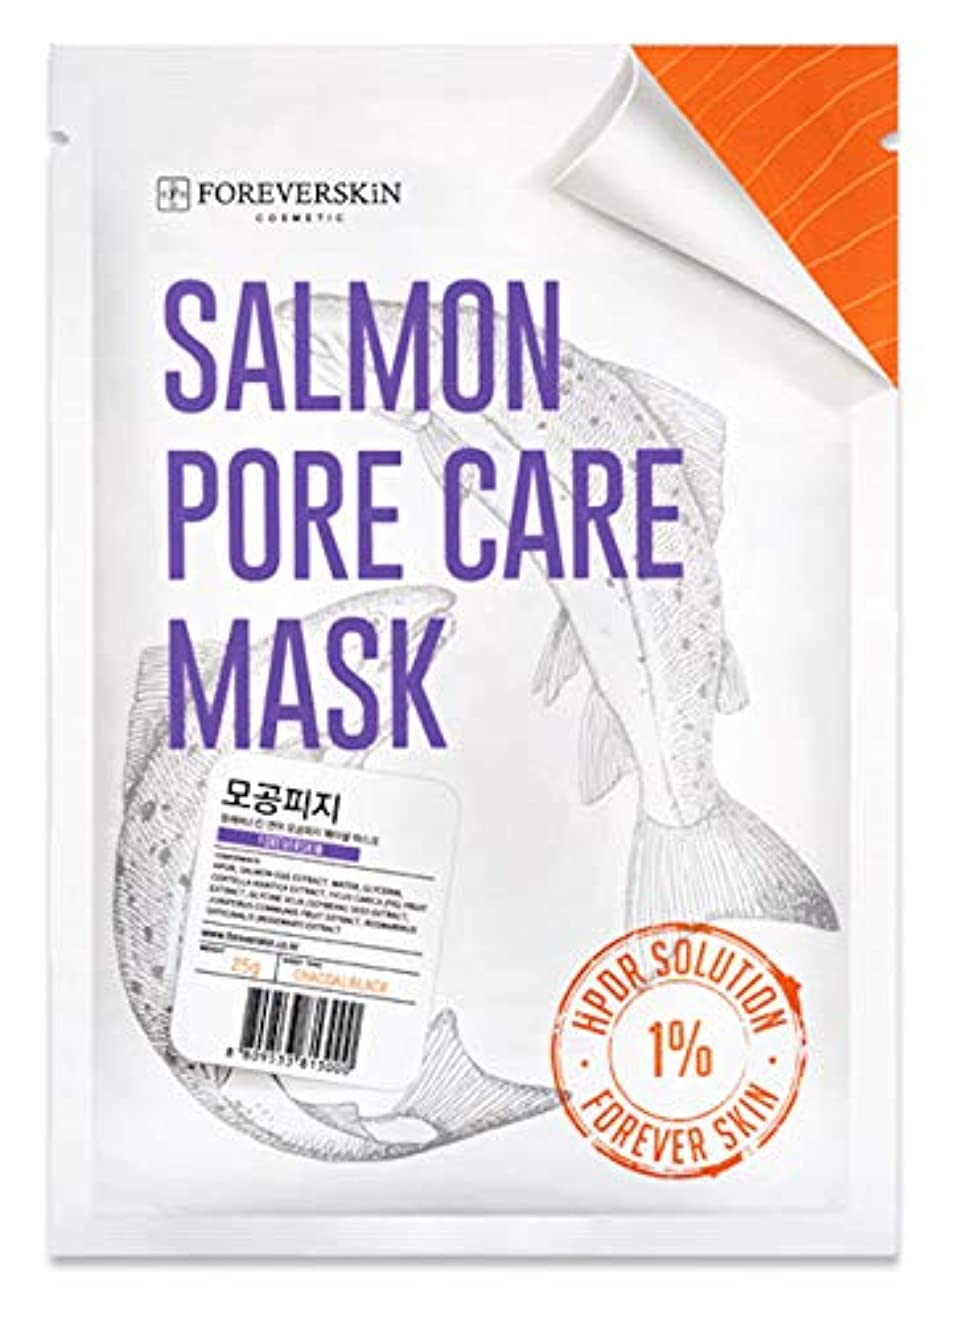 スポーツをするの慈悲で女将FOREVERSKIN サーモンマスクパック 韓国 シートマスク 高品質な 韓国コスメ 韓国パック リジュランの入った フェイスマスク フェイスパック (毛穴皮脂(10枚))